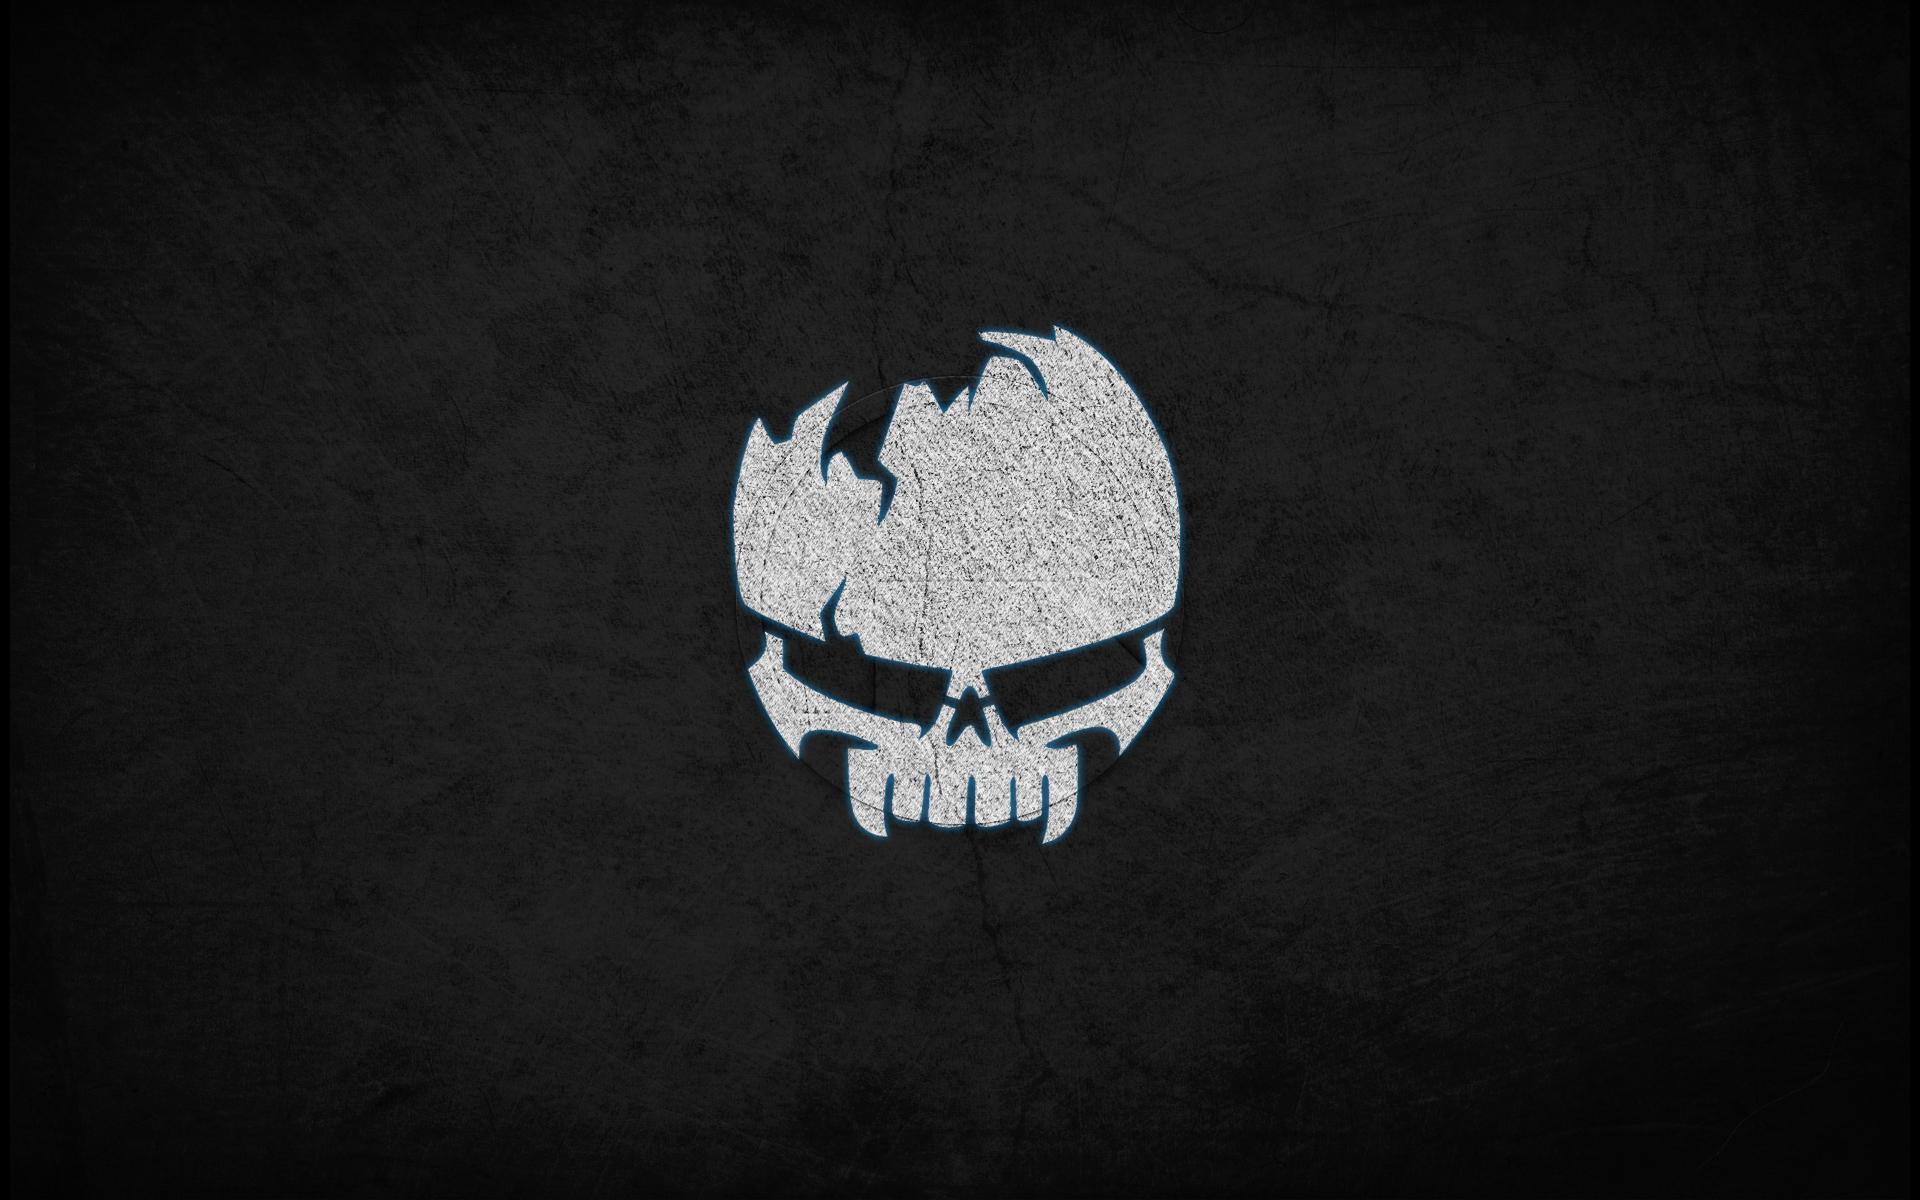 Scary Skull Wallpaper